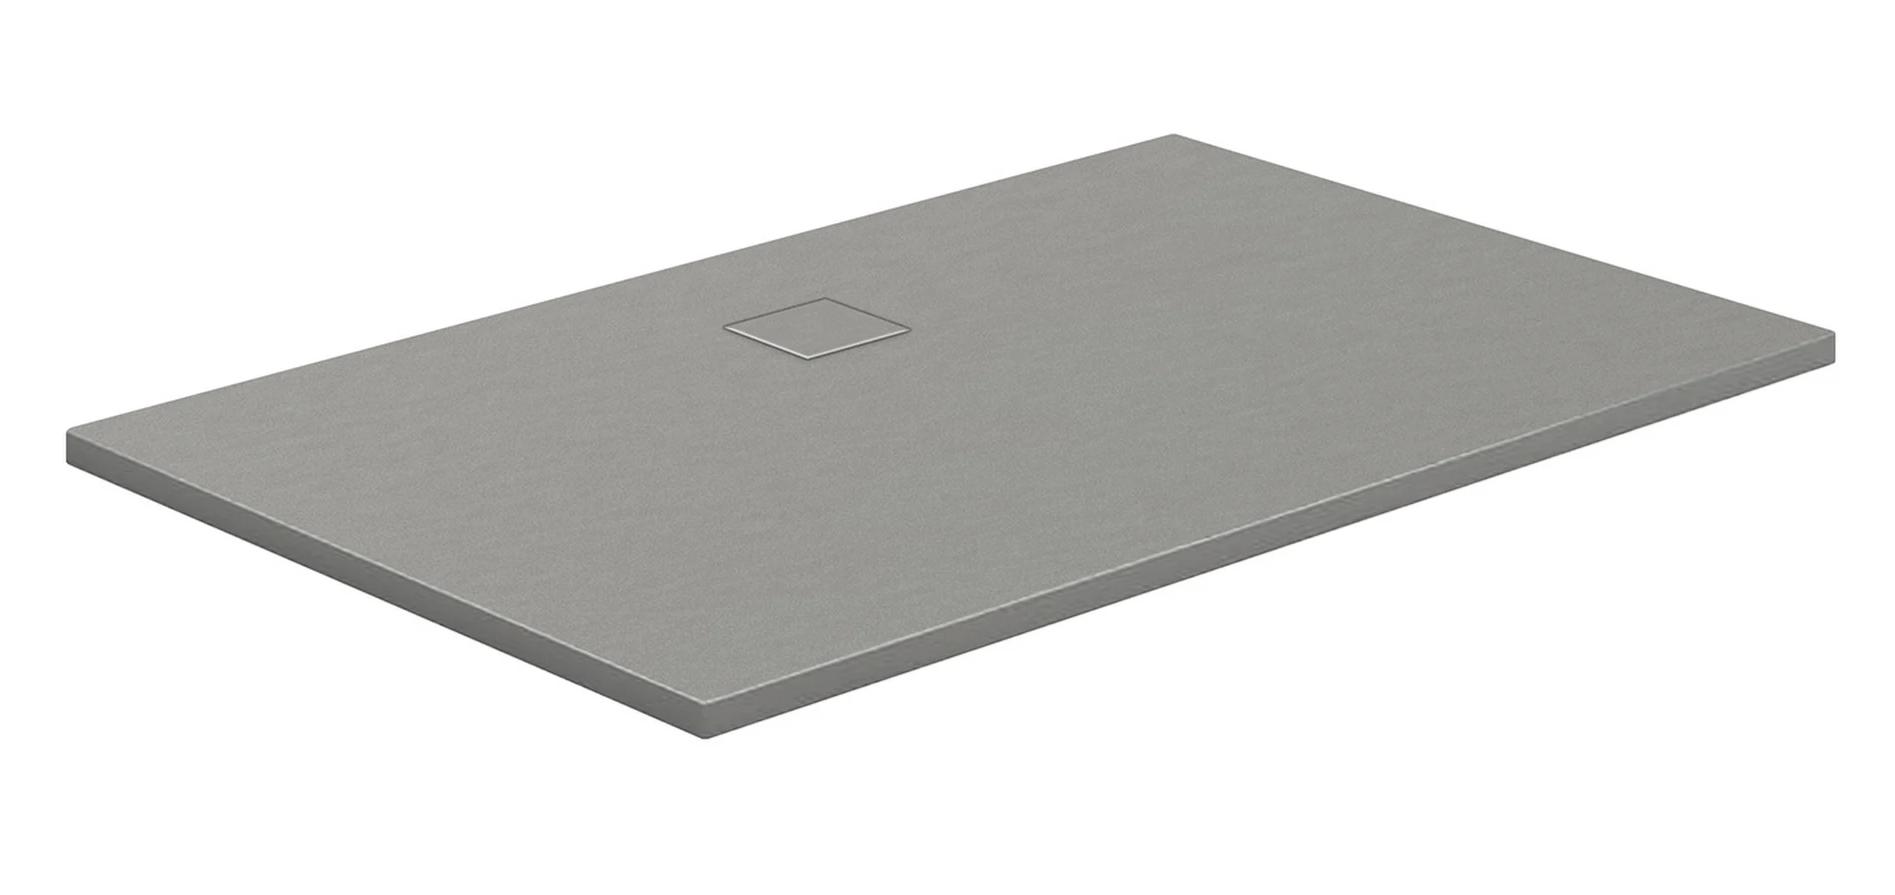 HSK Marmor-Polymer-Duschwannen, Steinoptik - Rechteck 80x100 Sandstein mit AntiSlip-Beschichtigung